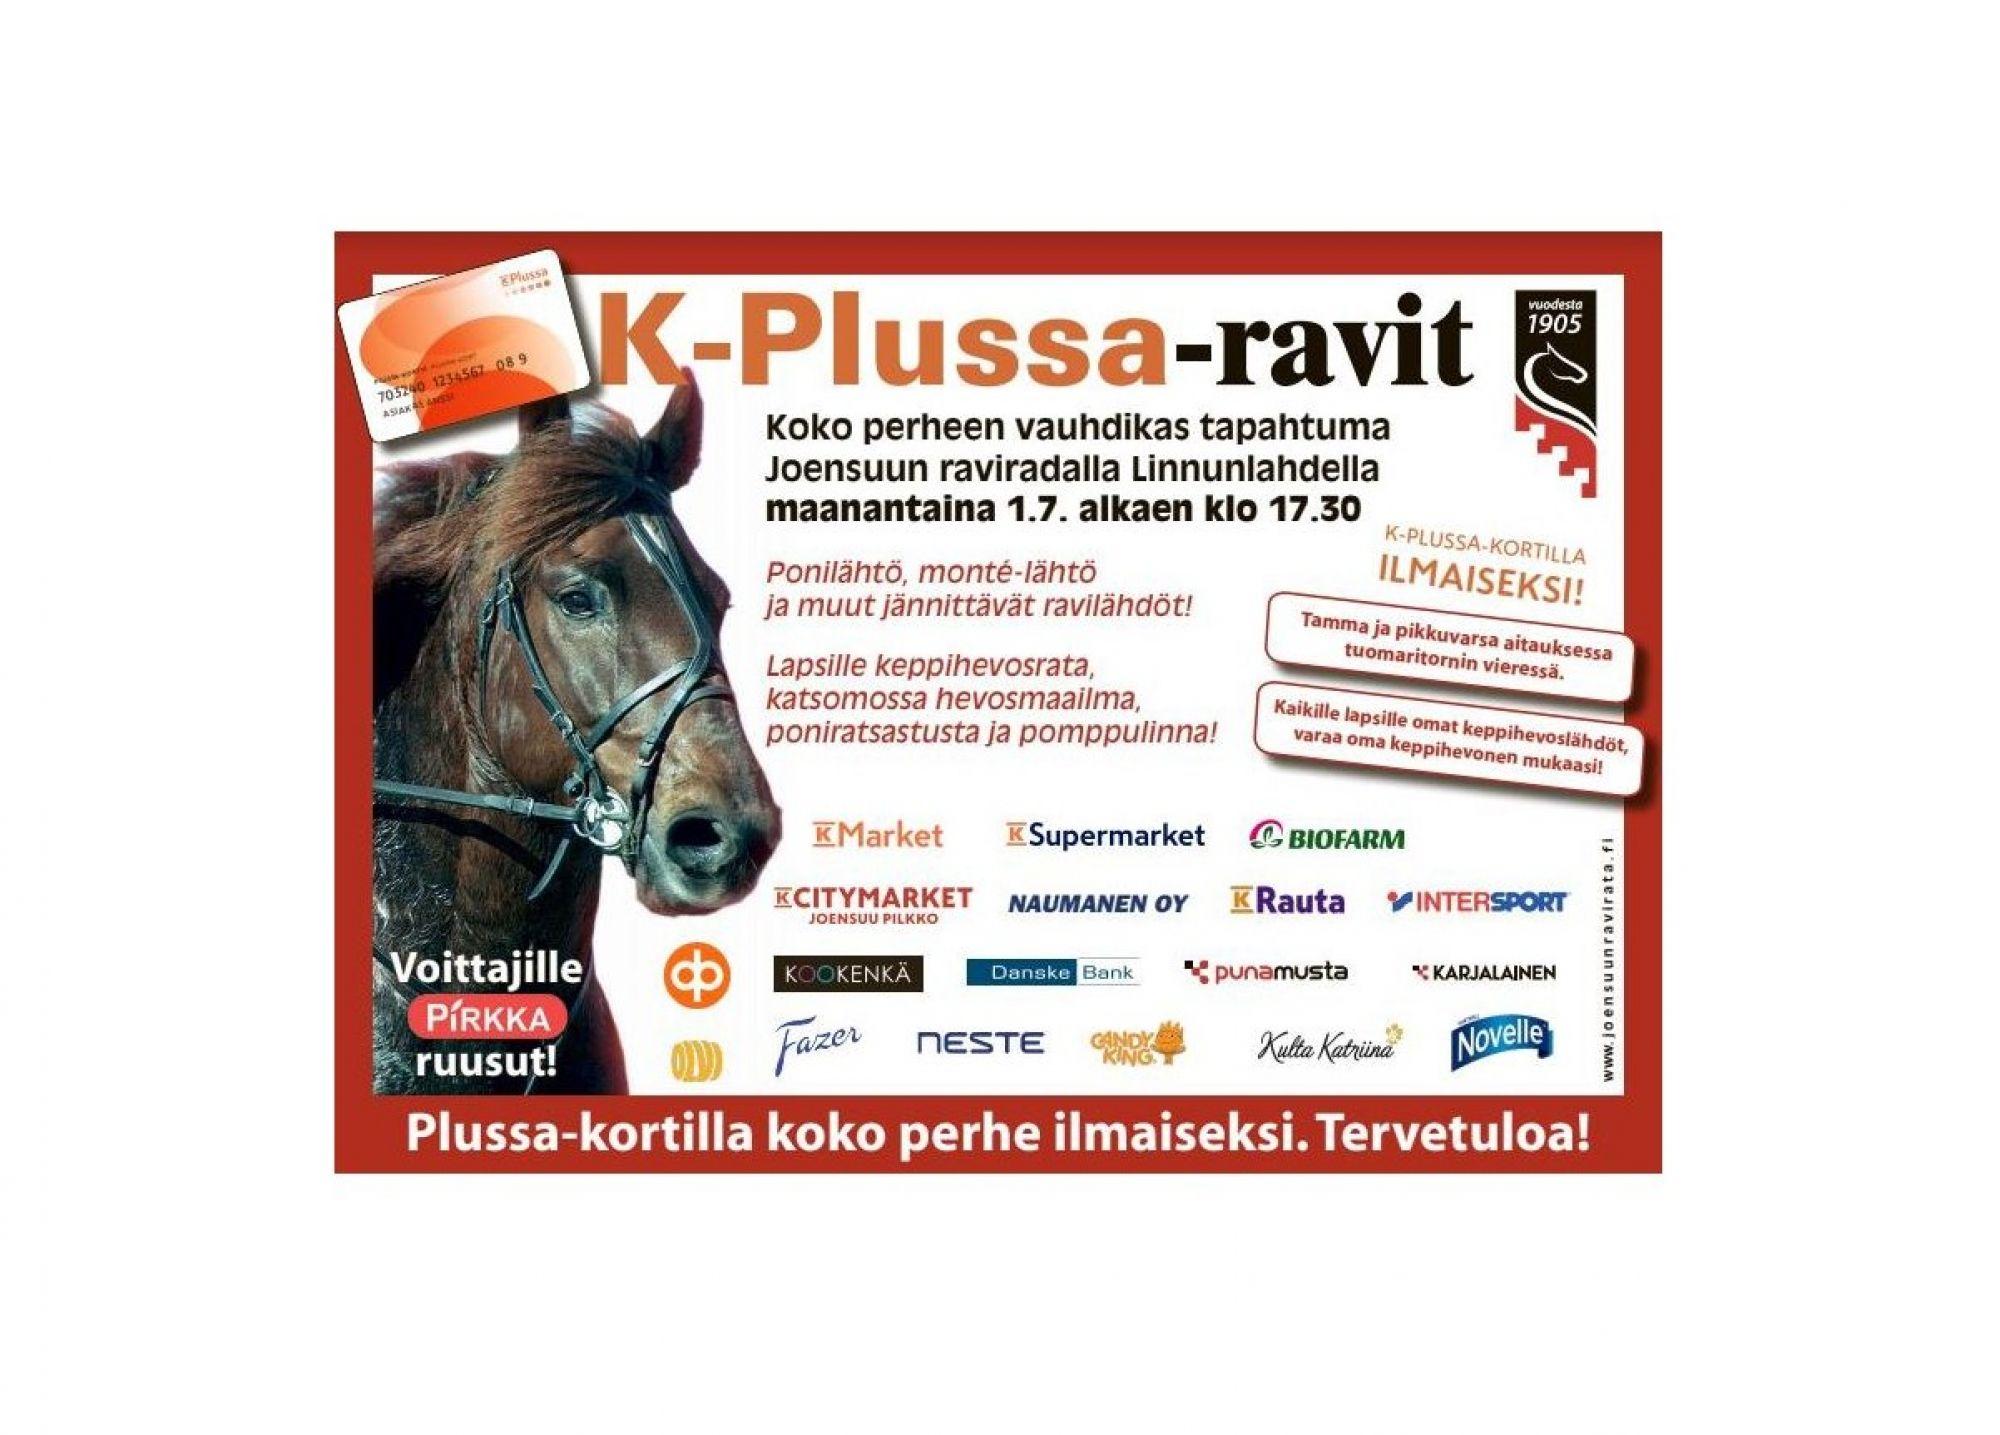 K-Plussaravit